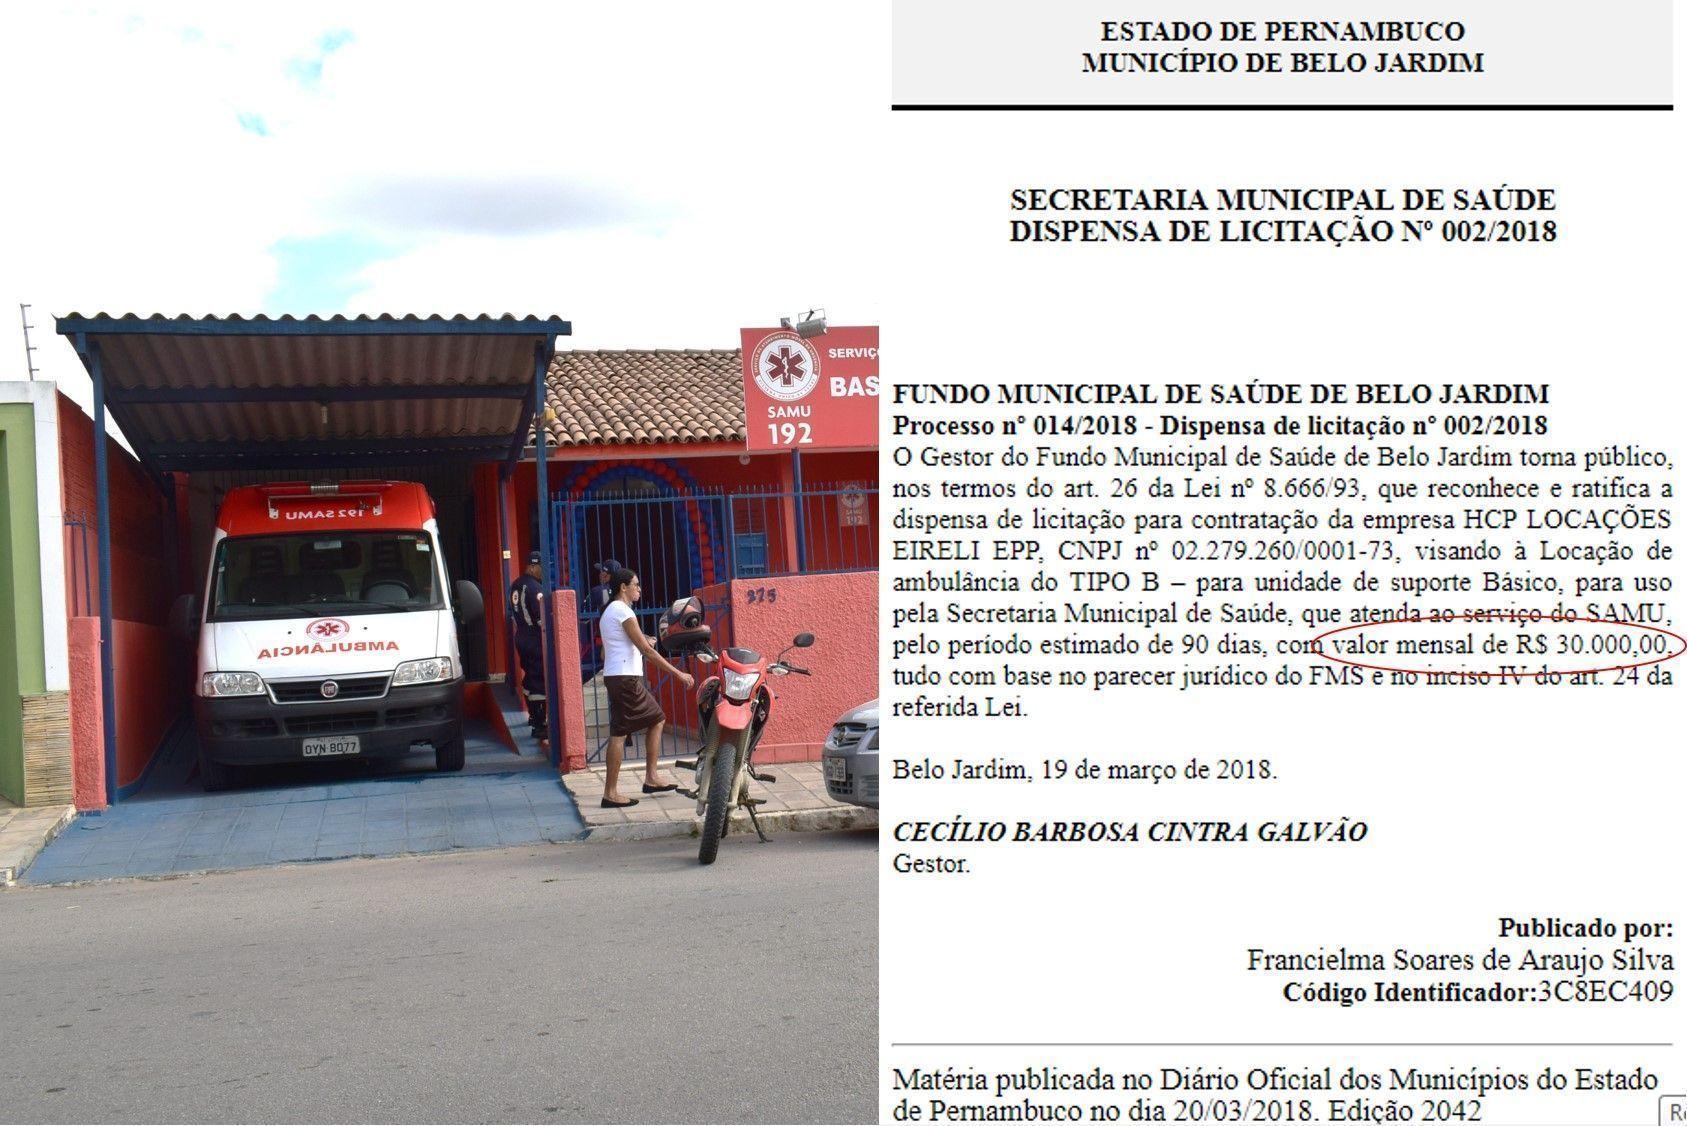 Após 8 meses, Prefeitura de BJ reativa Samu com ambulância alugada por R$ 90 mil